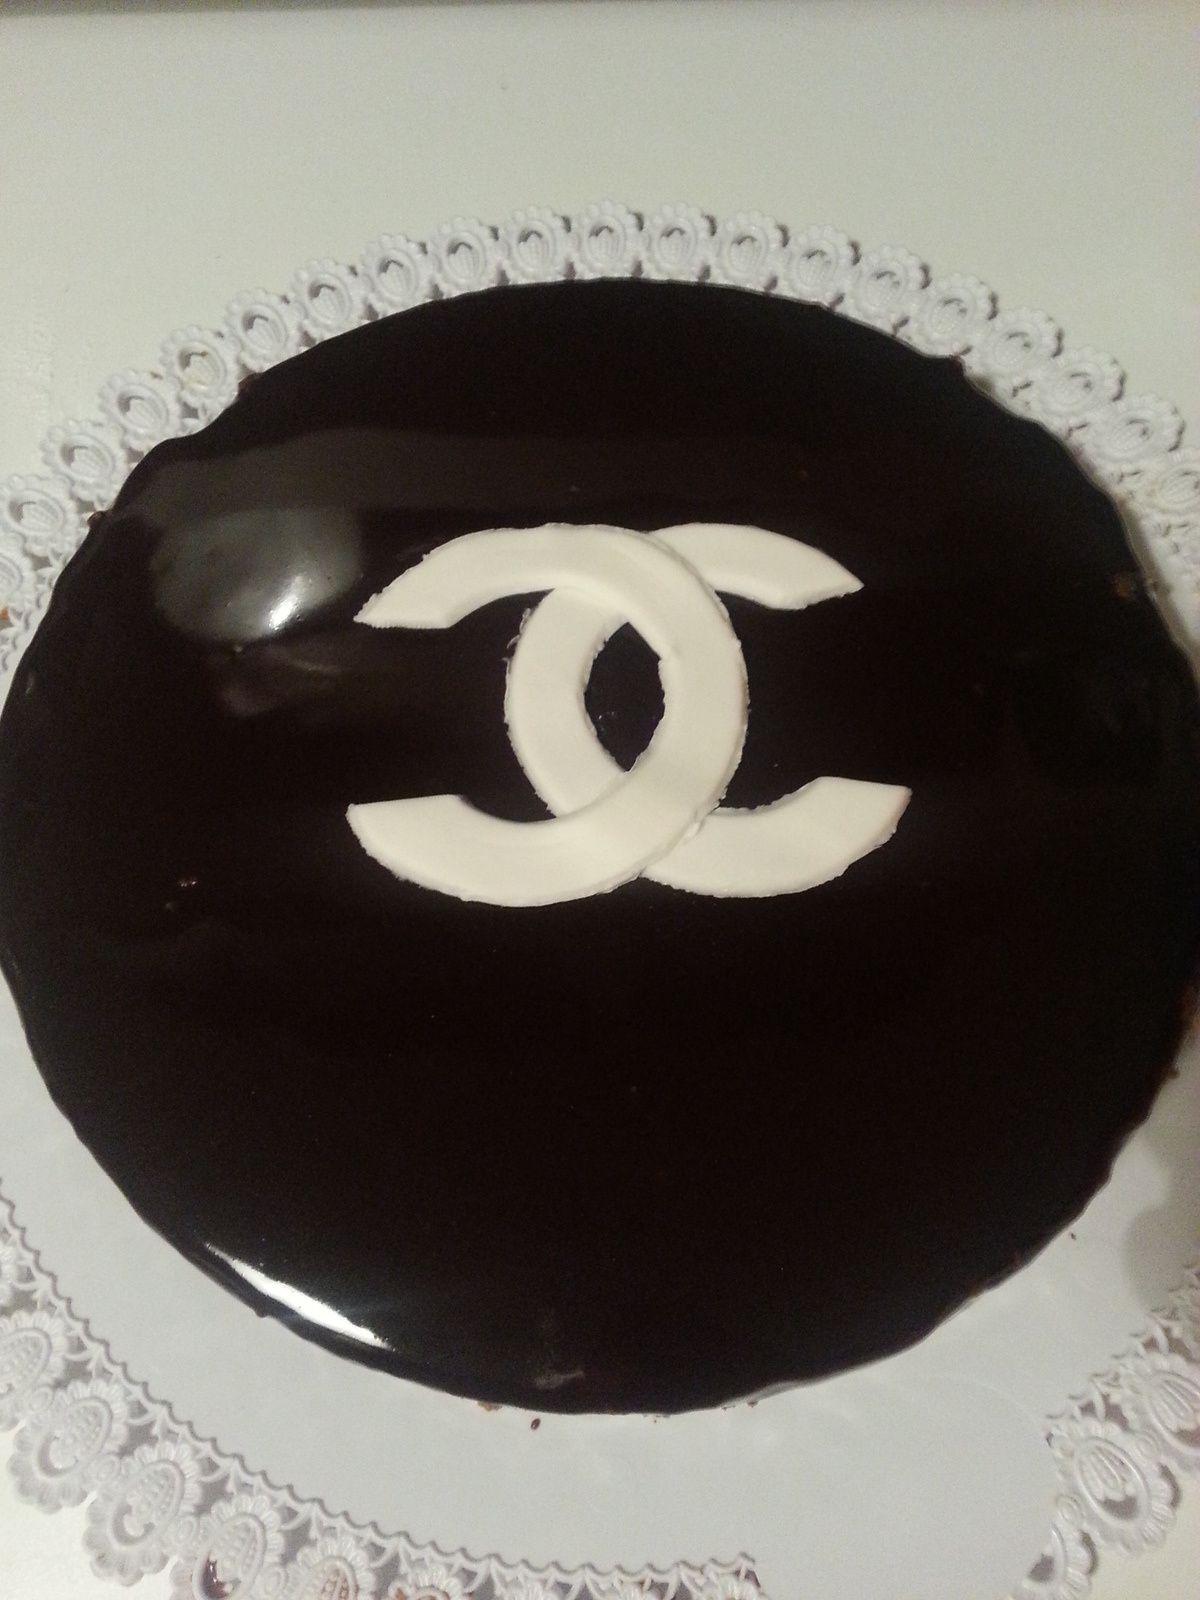 Bavarois mousse chocolat, biscuit spéculoos &quot&#x3B;Chanel&quot&#x3B;